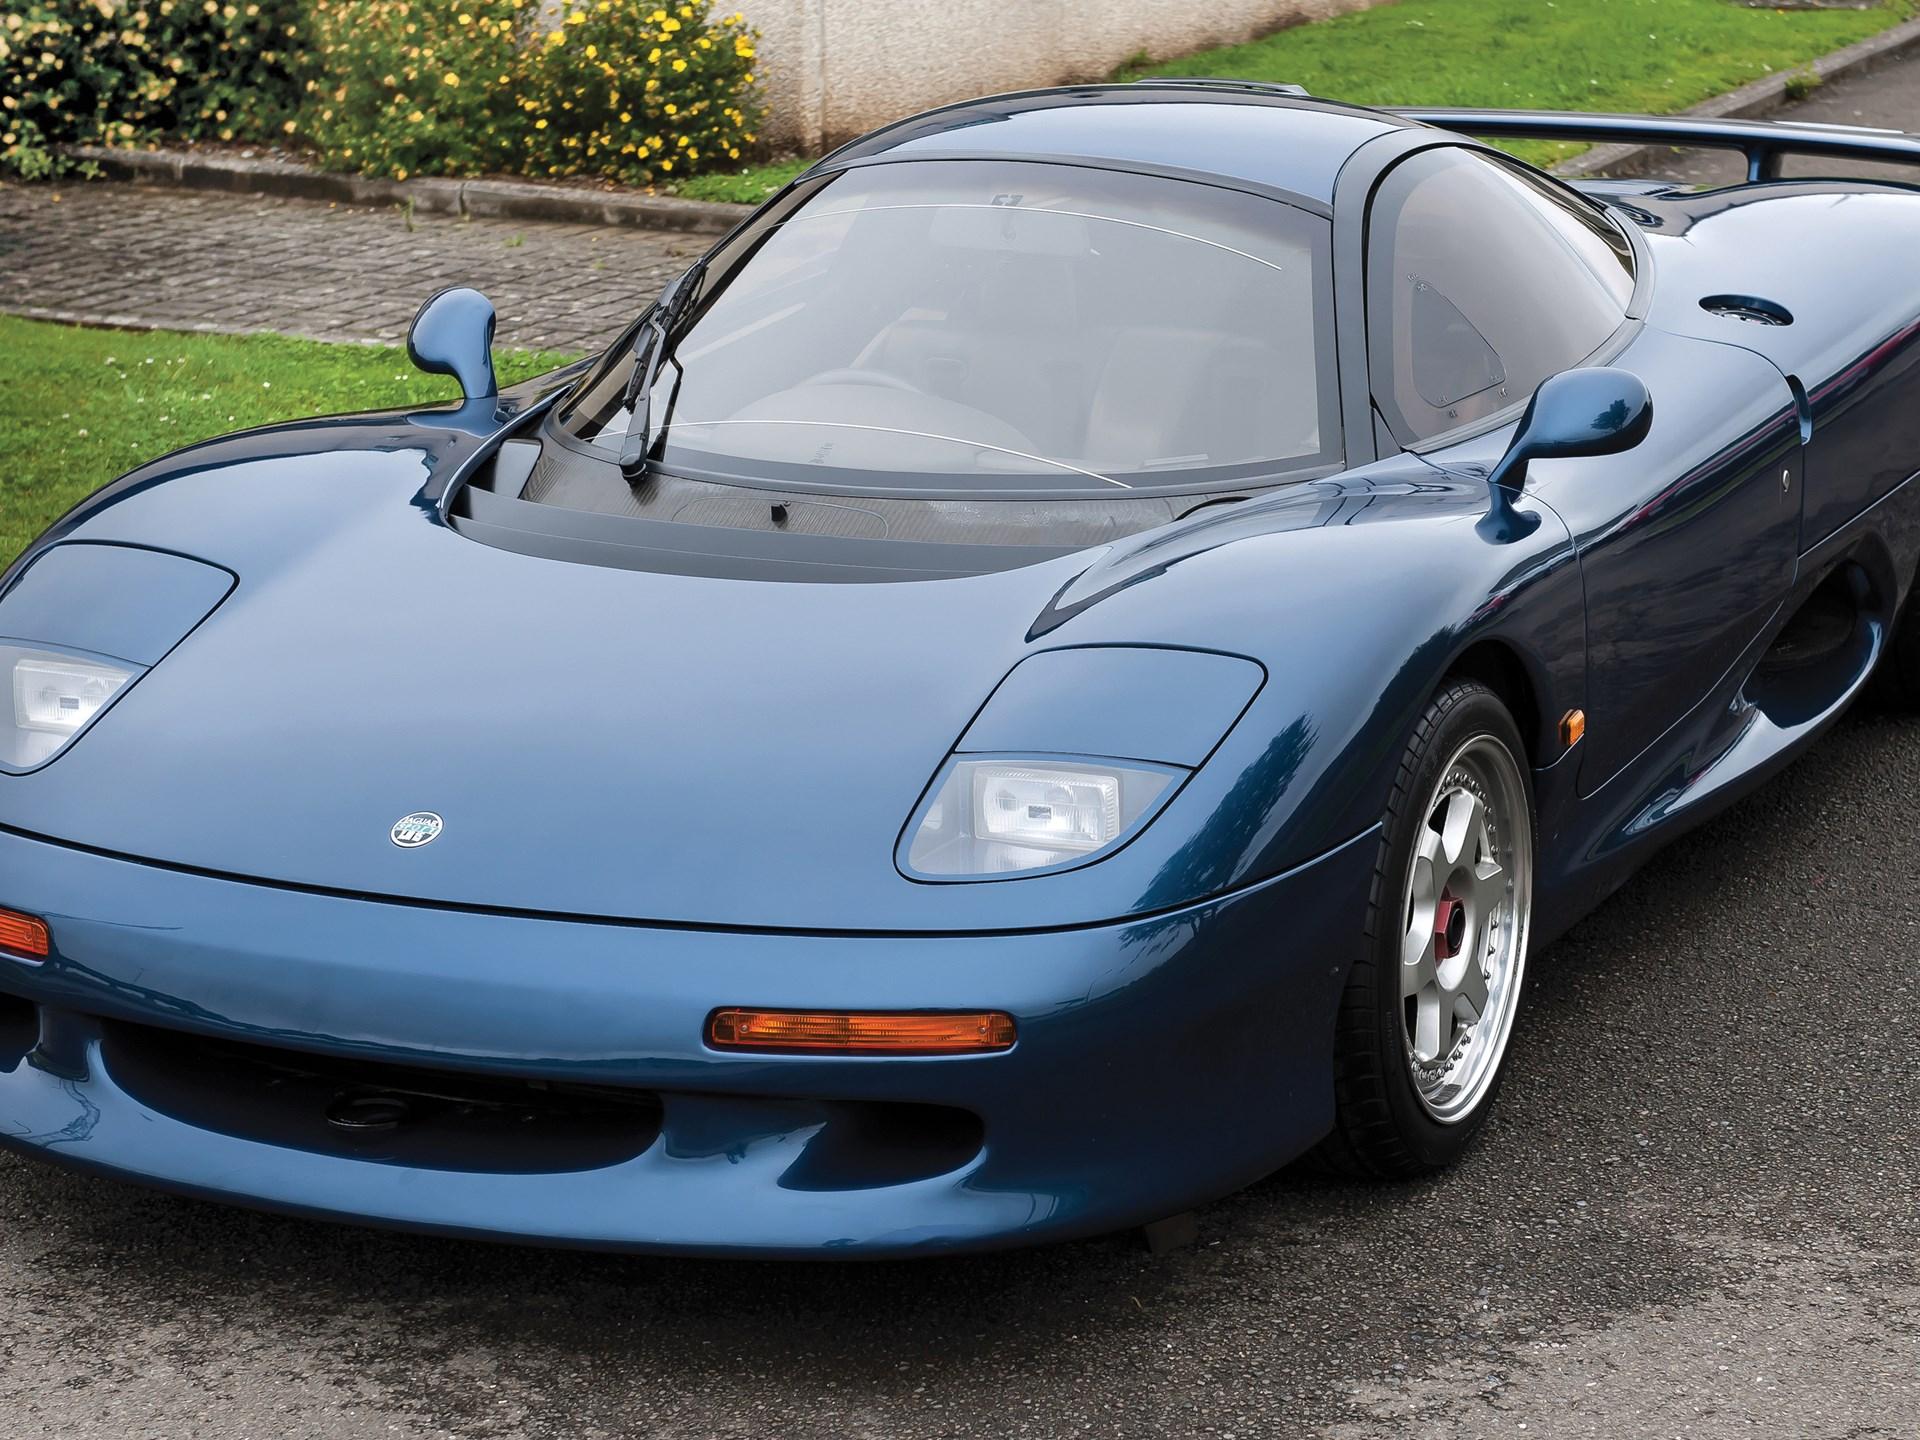 Jaguar xjr15 for sale